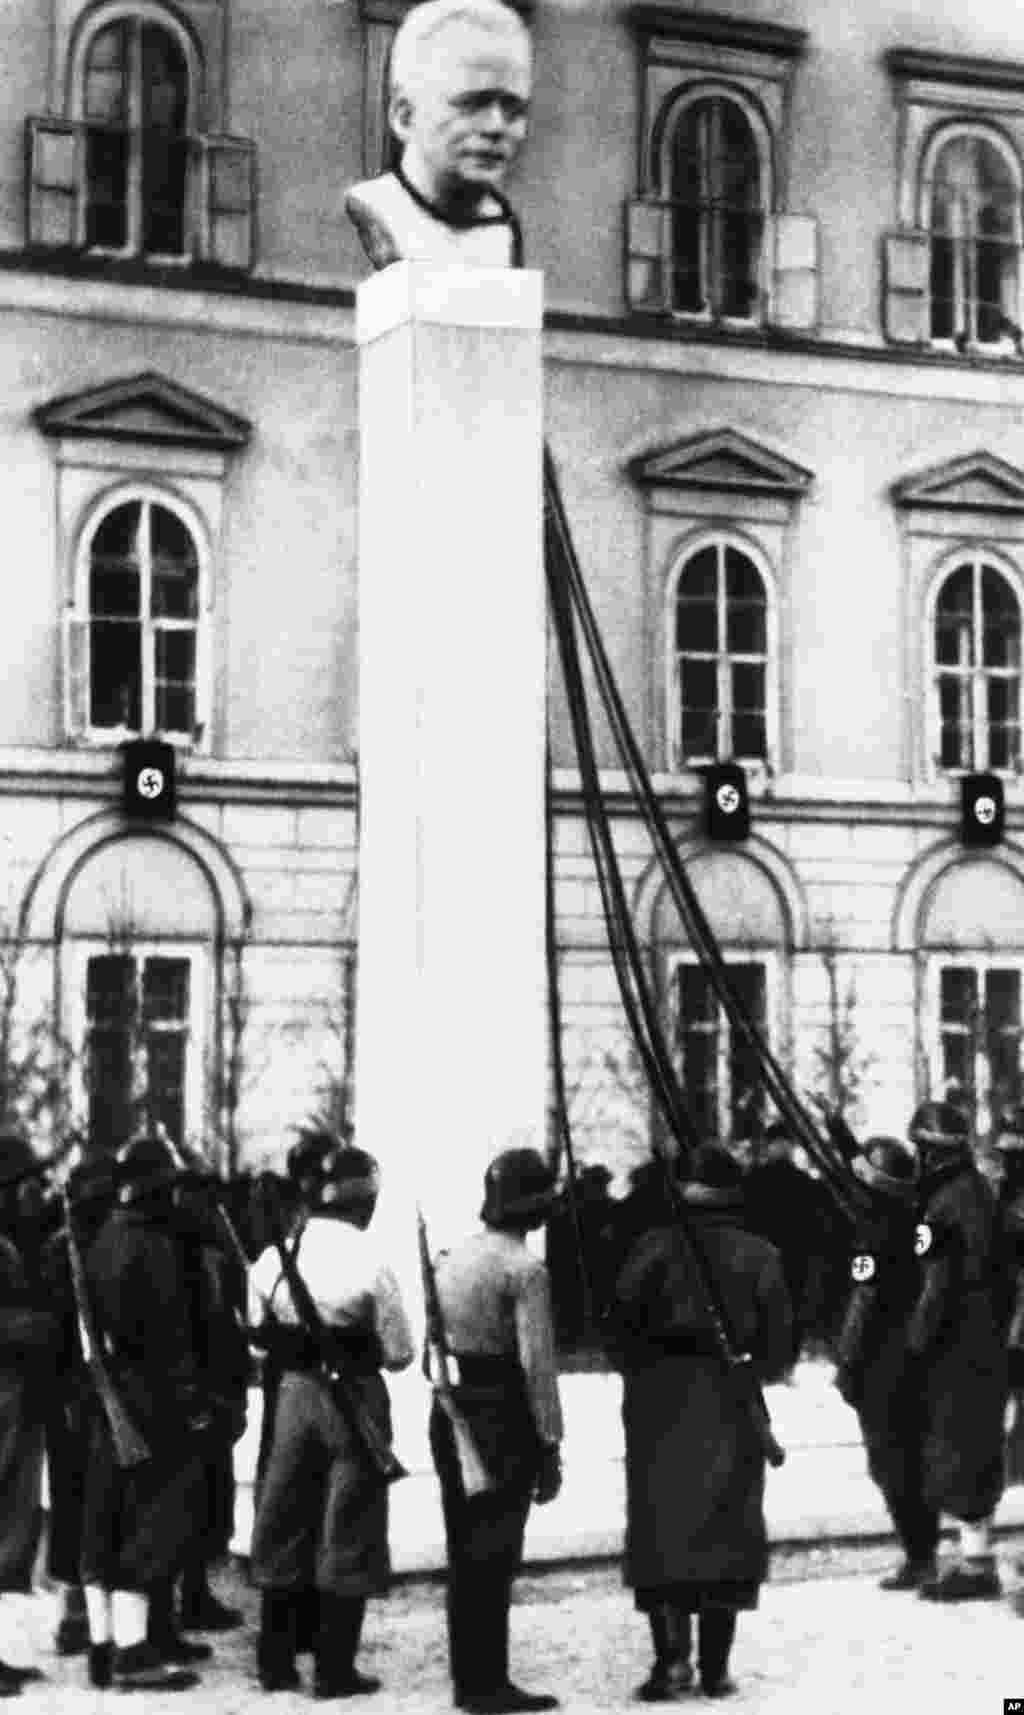 Нацистские войска ожидают приказа снести бюст австрийского канцлера Энгельберта Дольфуса после аншлюса (аннексии) Австрии нацистской Германией в 1938 году